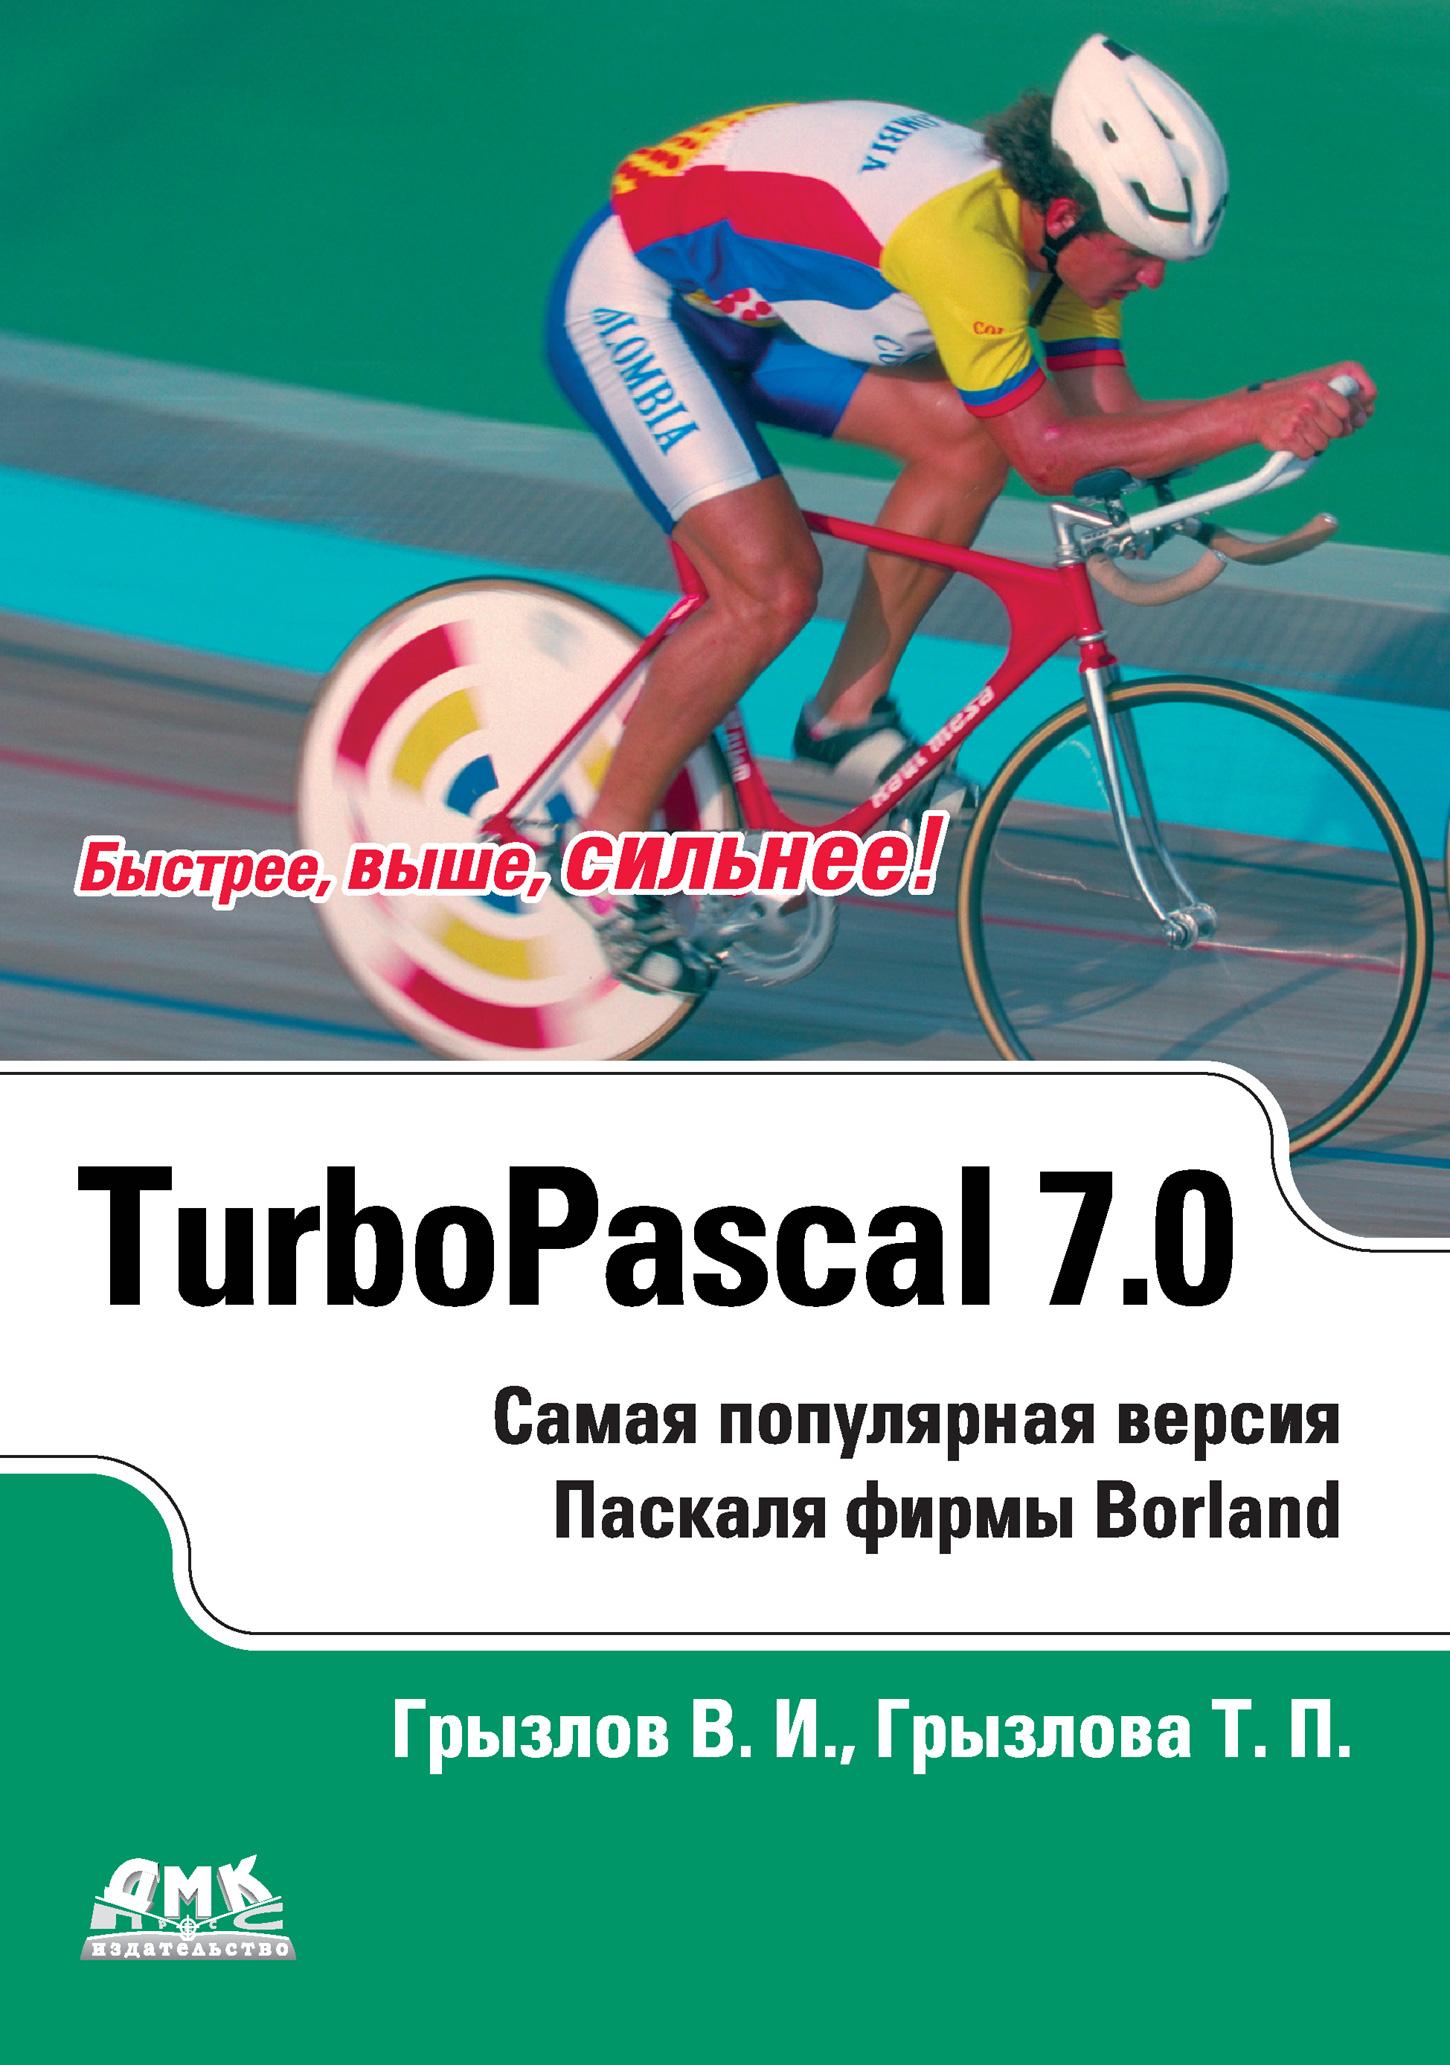 В. Грызлов, Т. Грызлова «Турбо Паскаль 7.0»